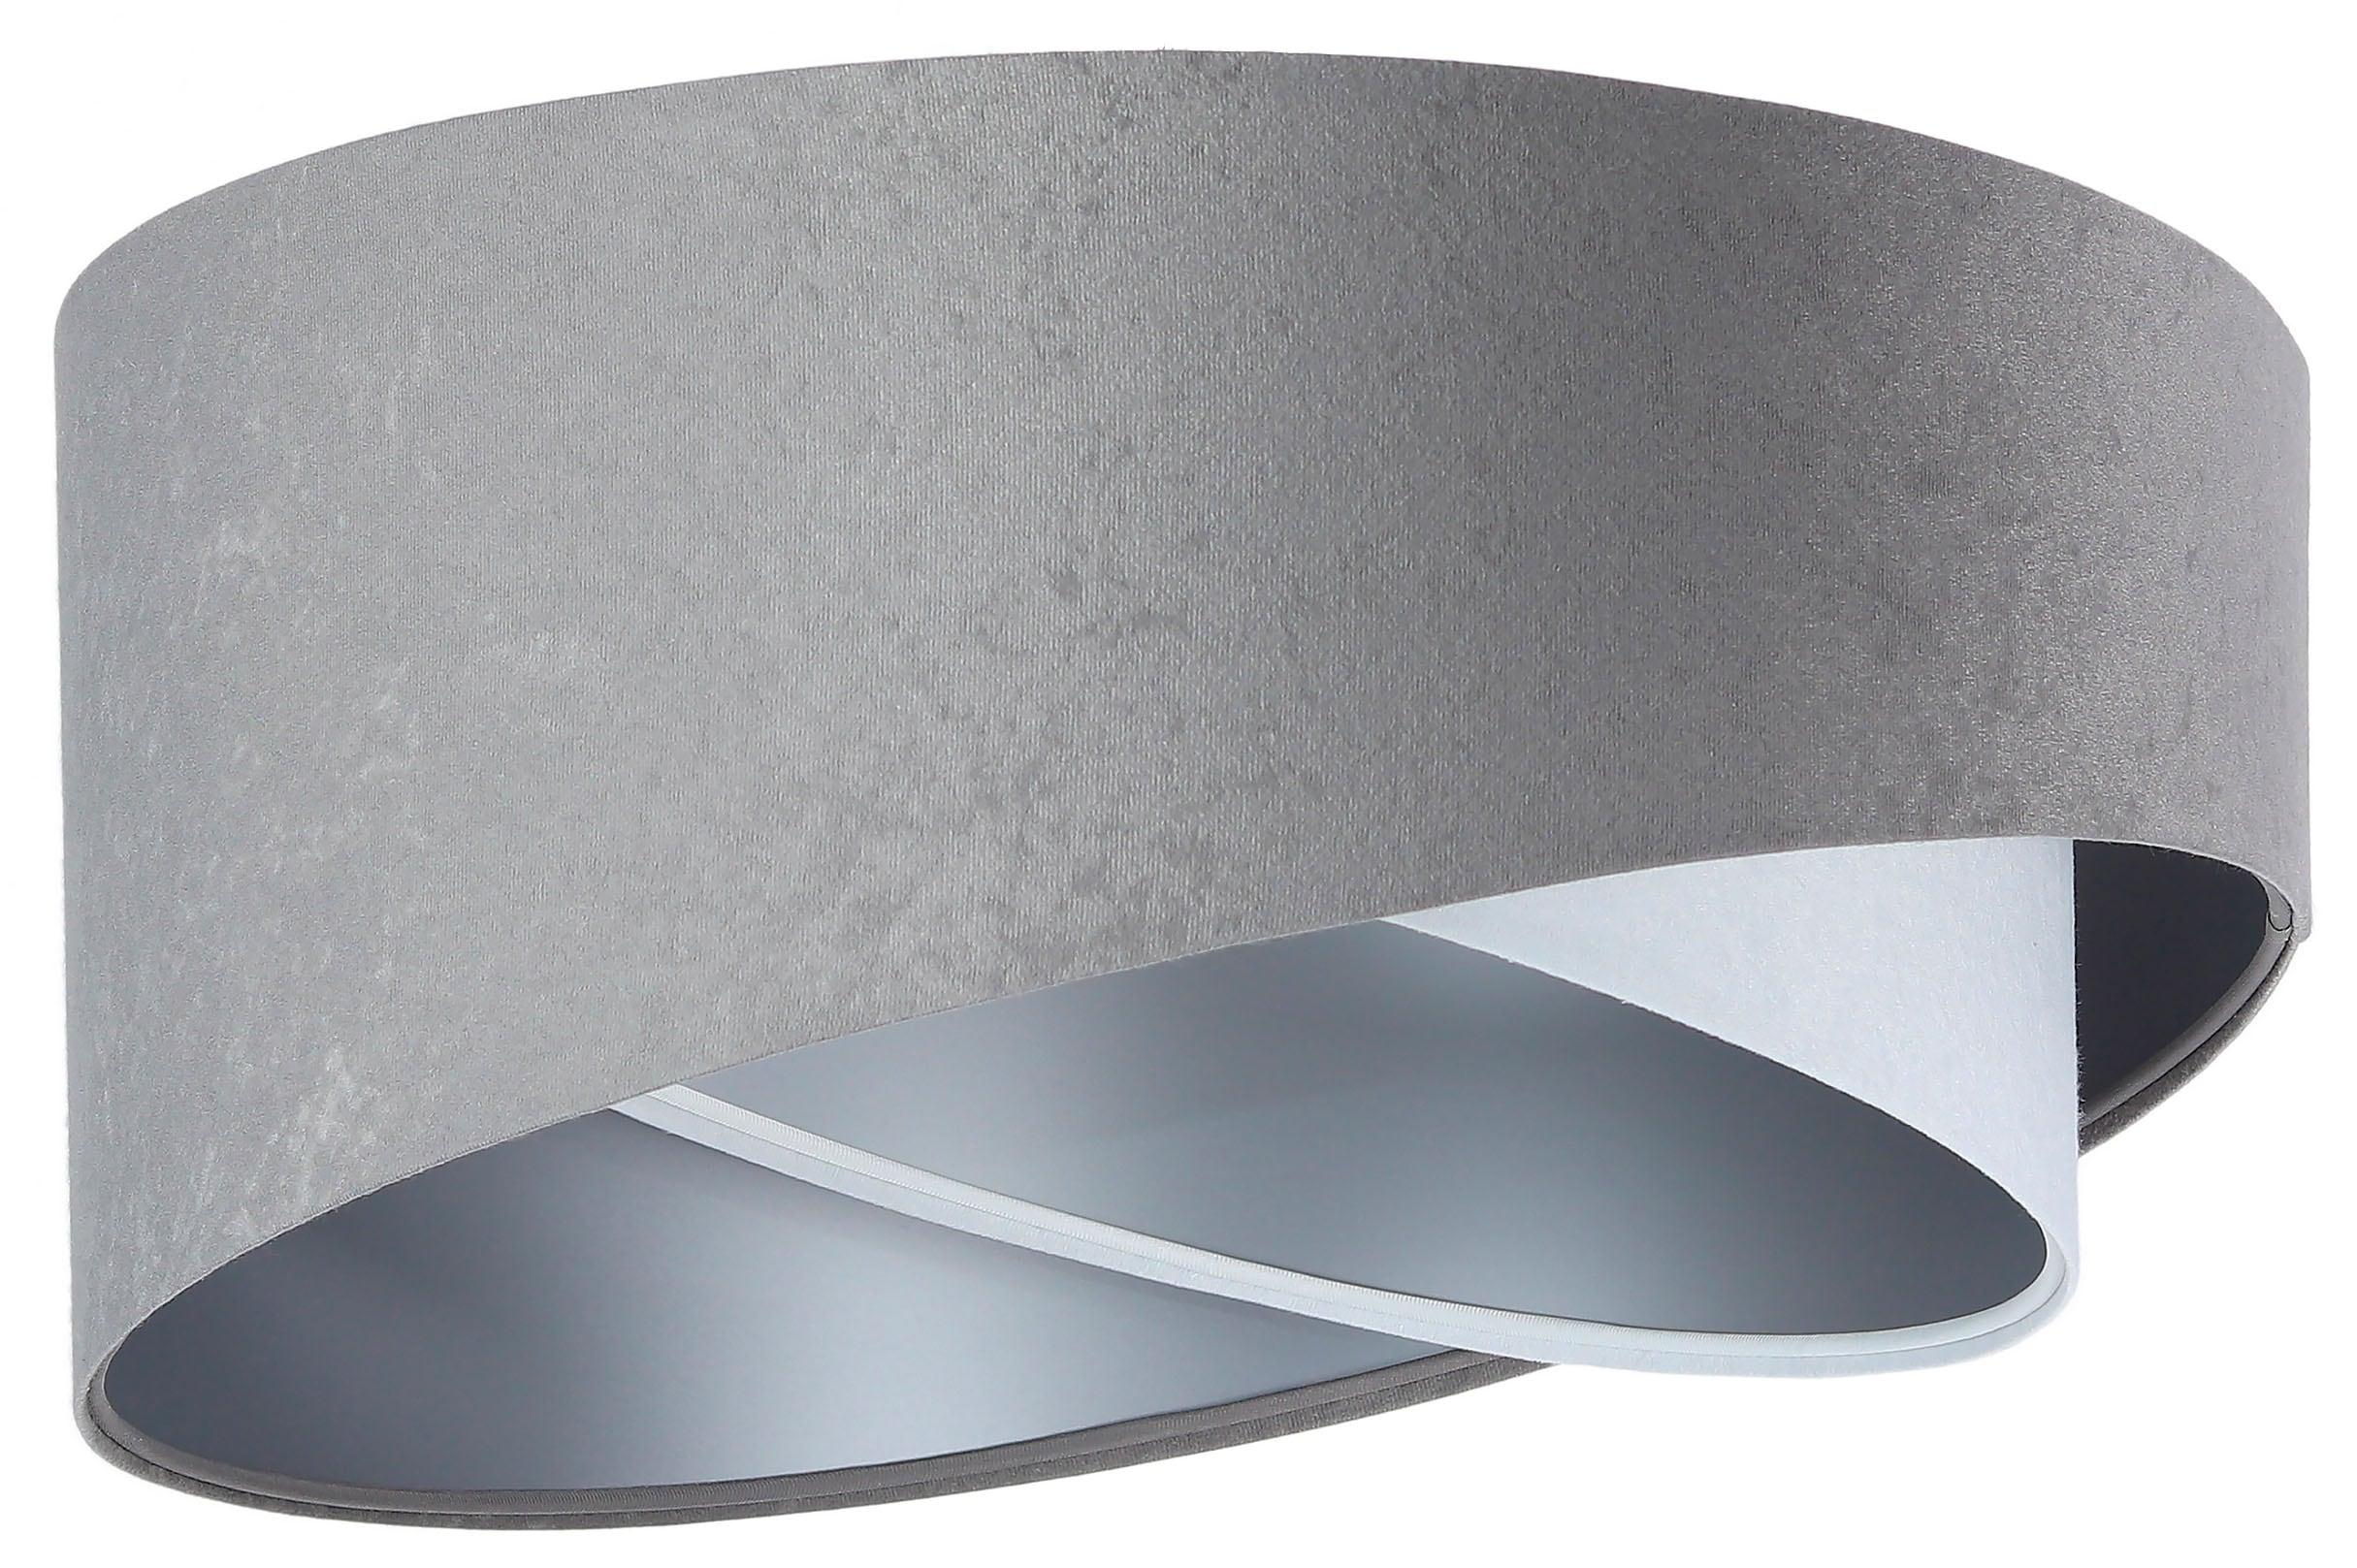 Jens Stolte Leuchten Deckenleuchte Susanne, E27, 1 St., grau, Deckenleuchte, 50cm Ø, Stoffdeckenleuchte grau/weiß/silber